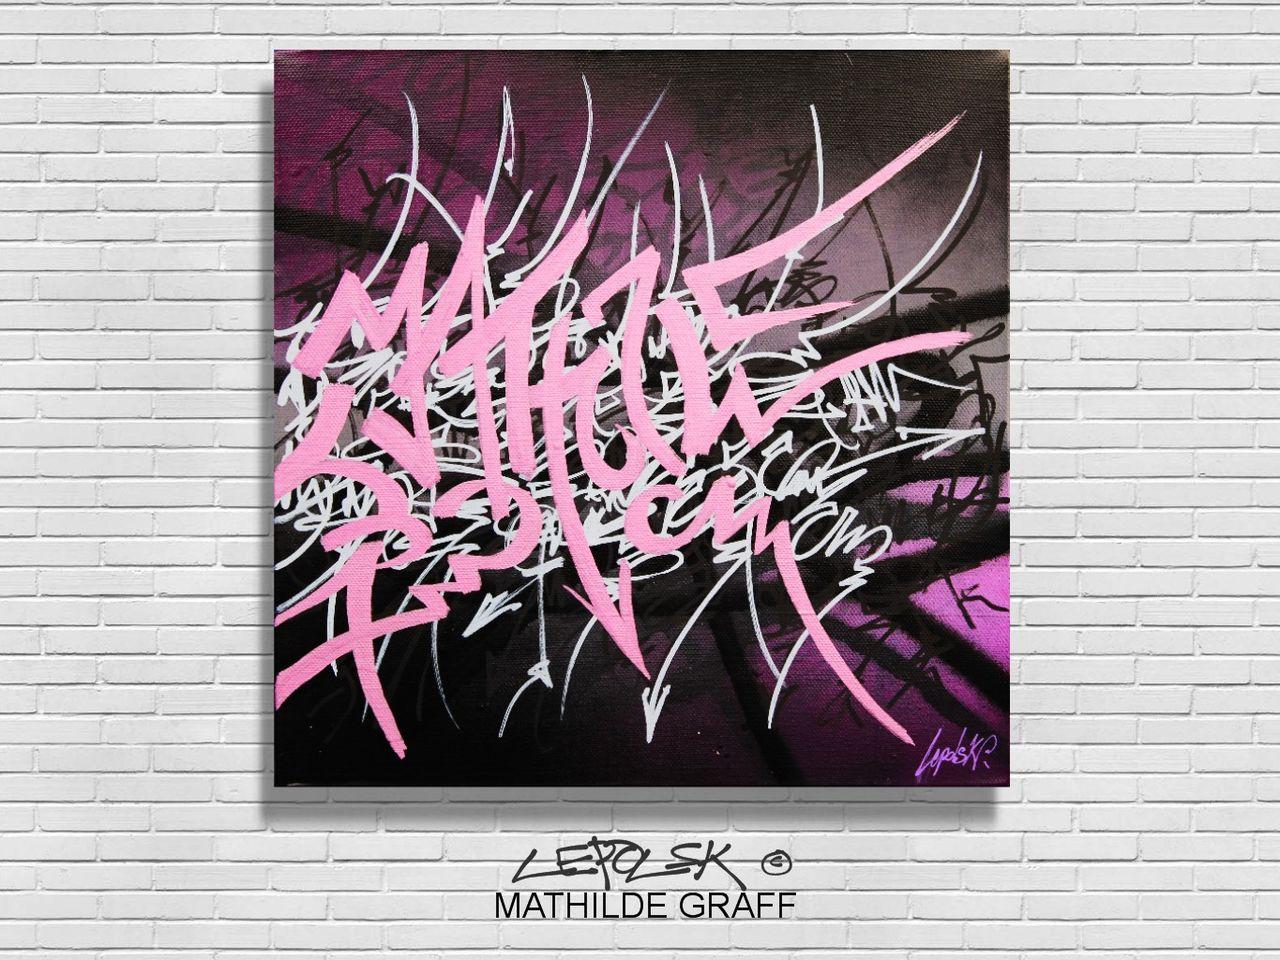 MK  Lepolsk Matuszewski MATHILDE GRAFF   Street art callifgraffiti expressionnisme abstrait